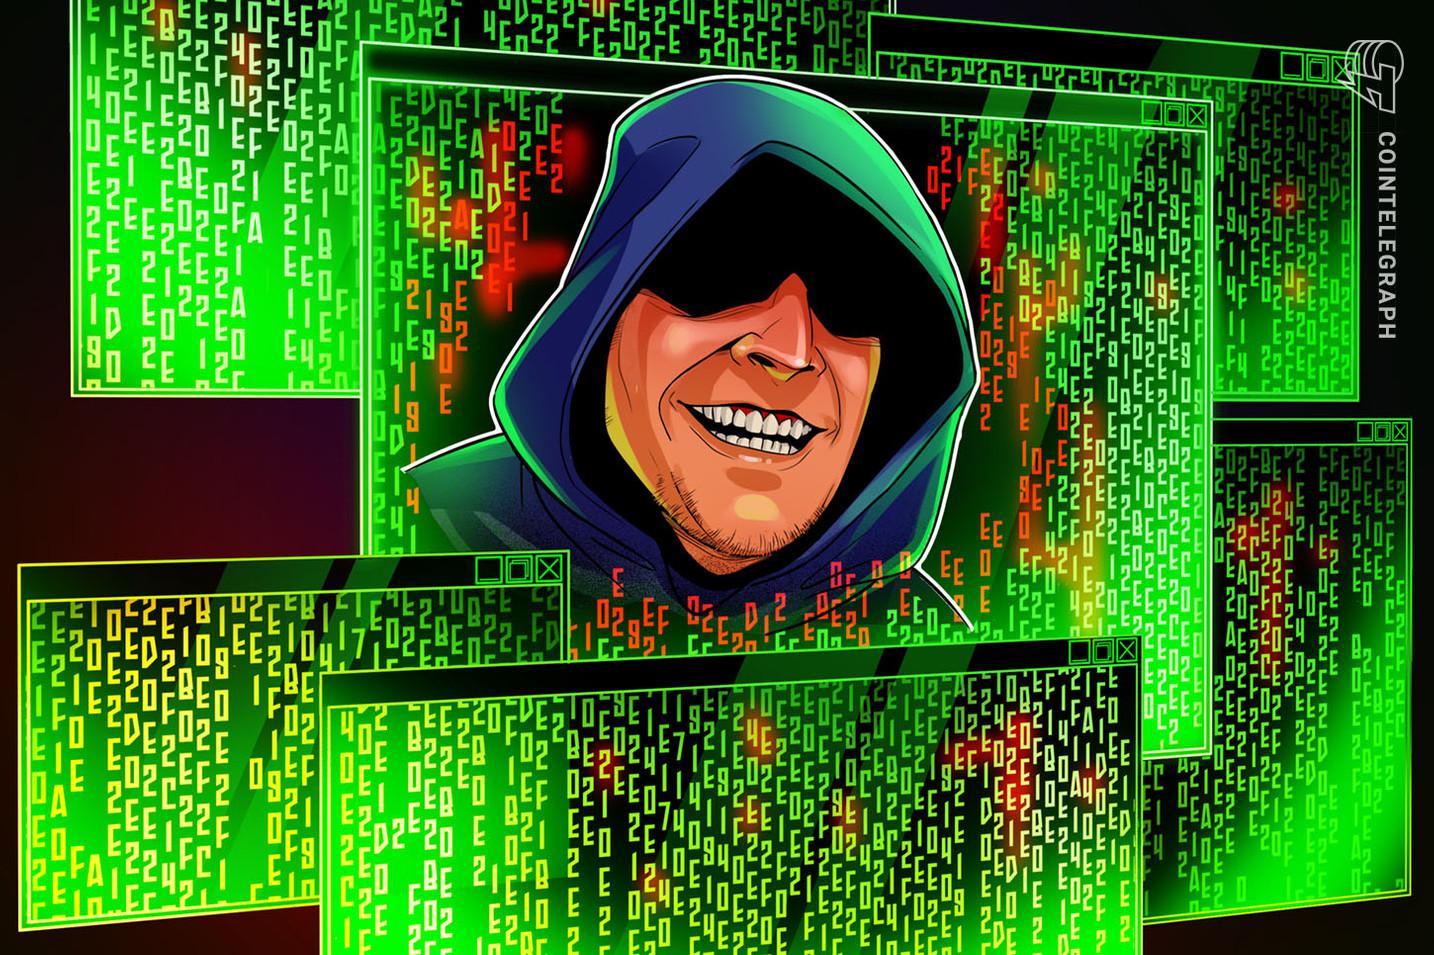 مخترق يحاول بيع قاعدة بيانات فندق في لاس فيغاس مقابل العملات المشفرة